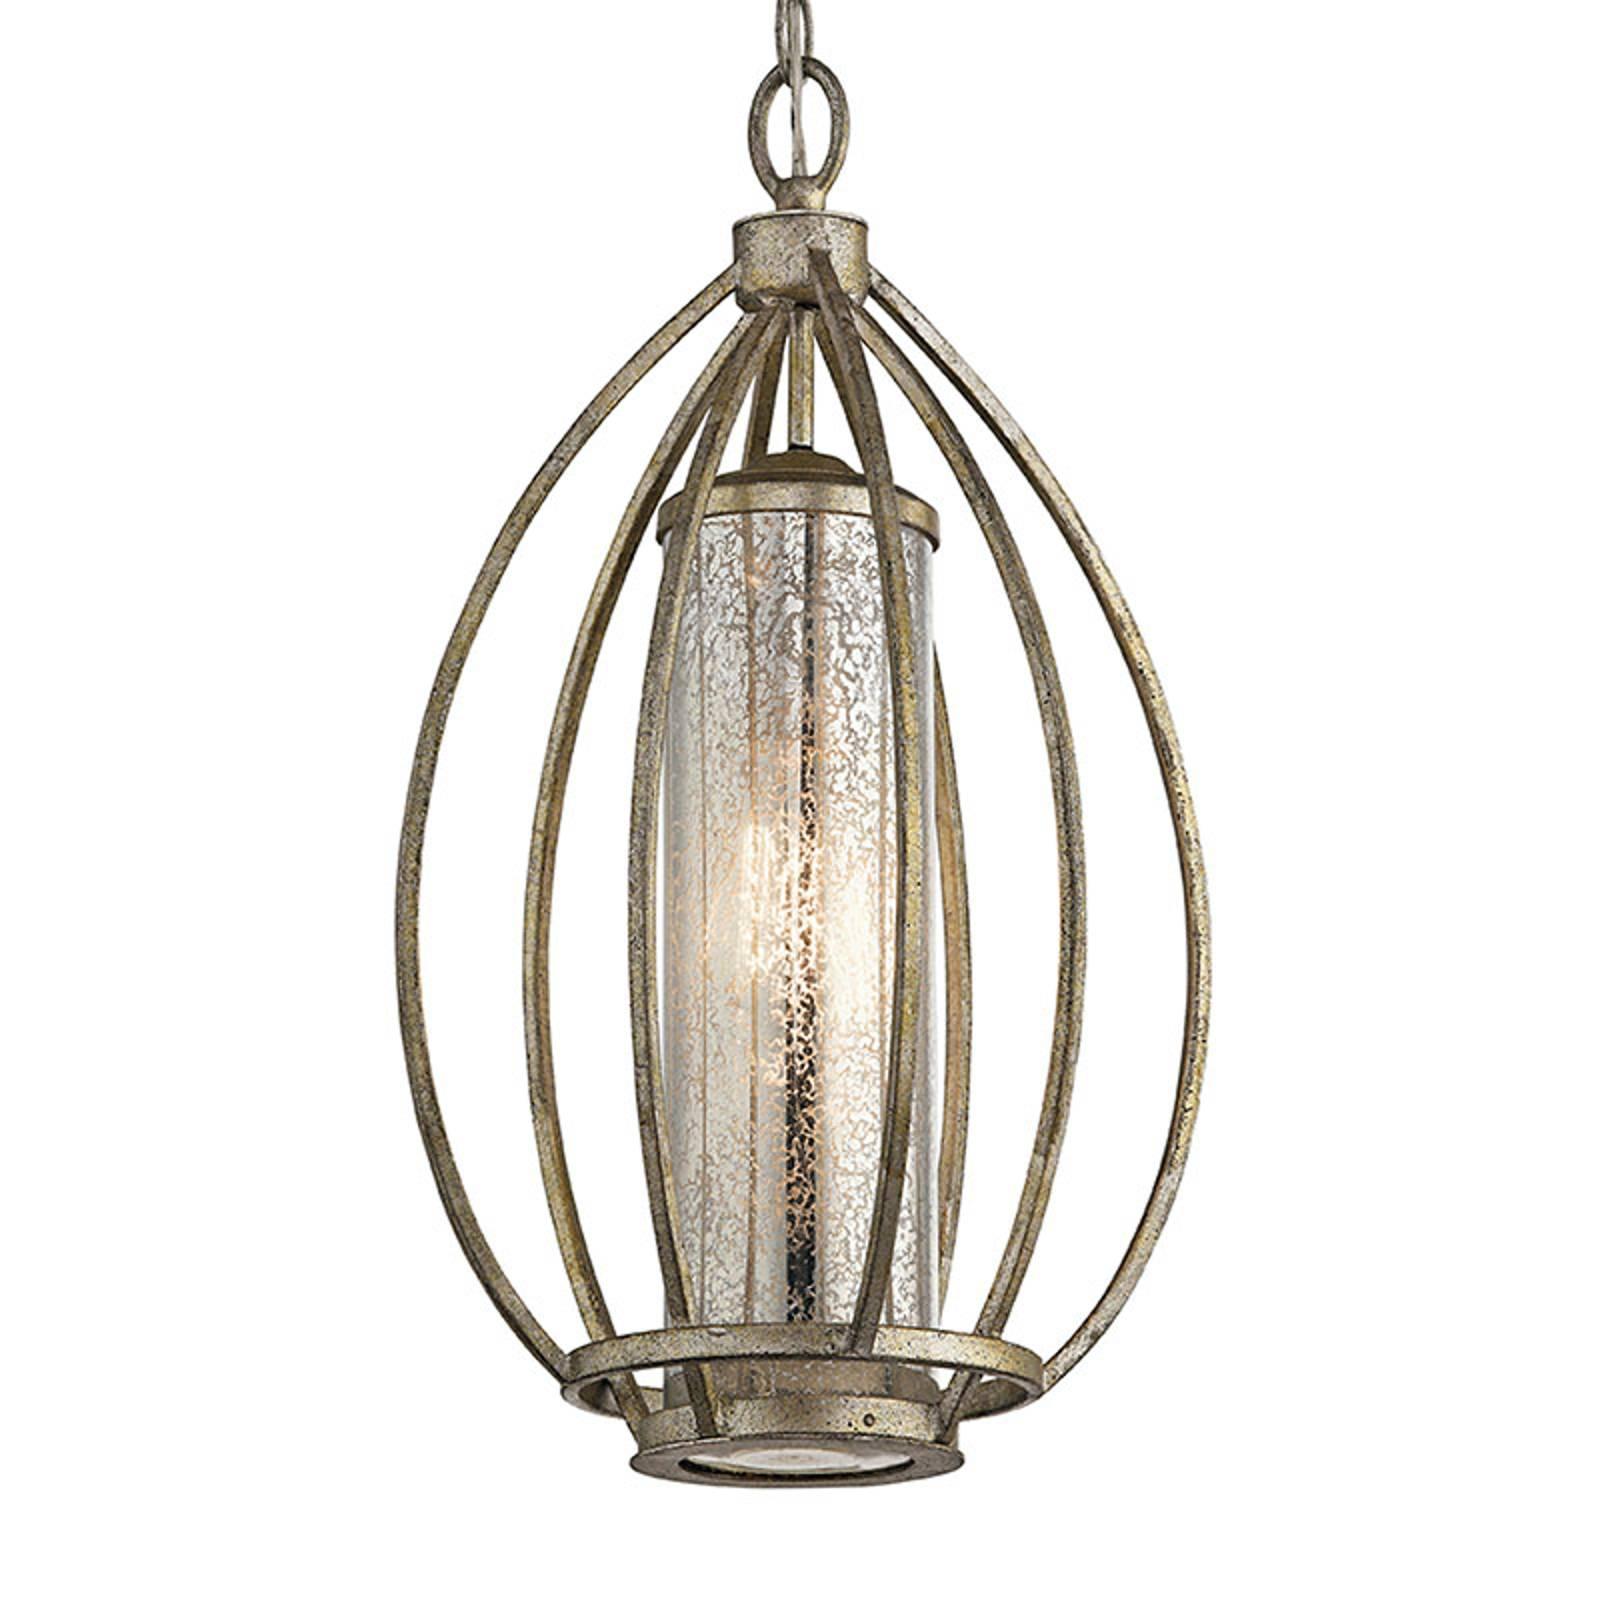 Lampa wisząca Rosalie o złotym wykończeniu